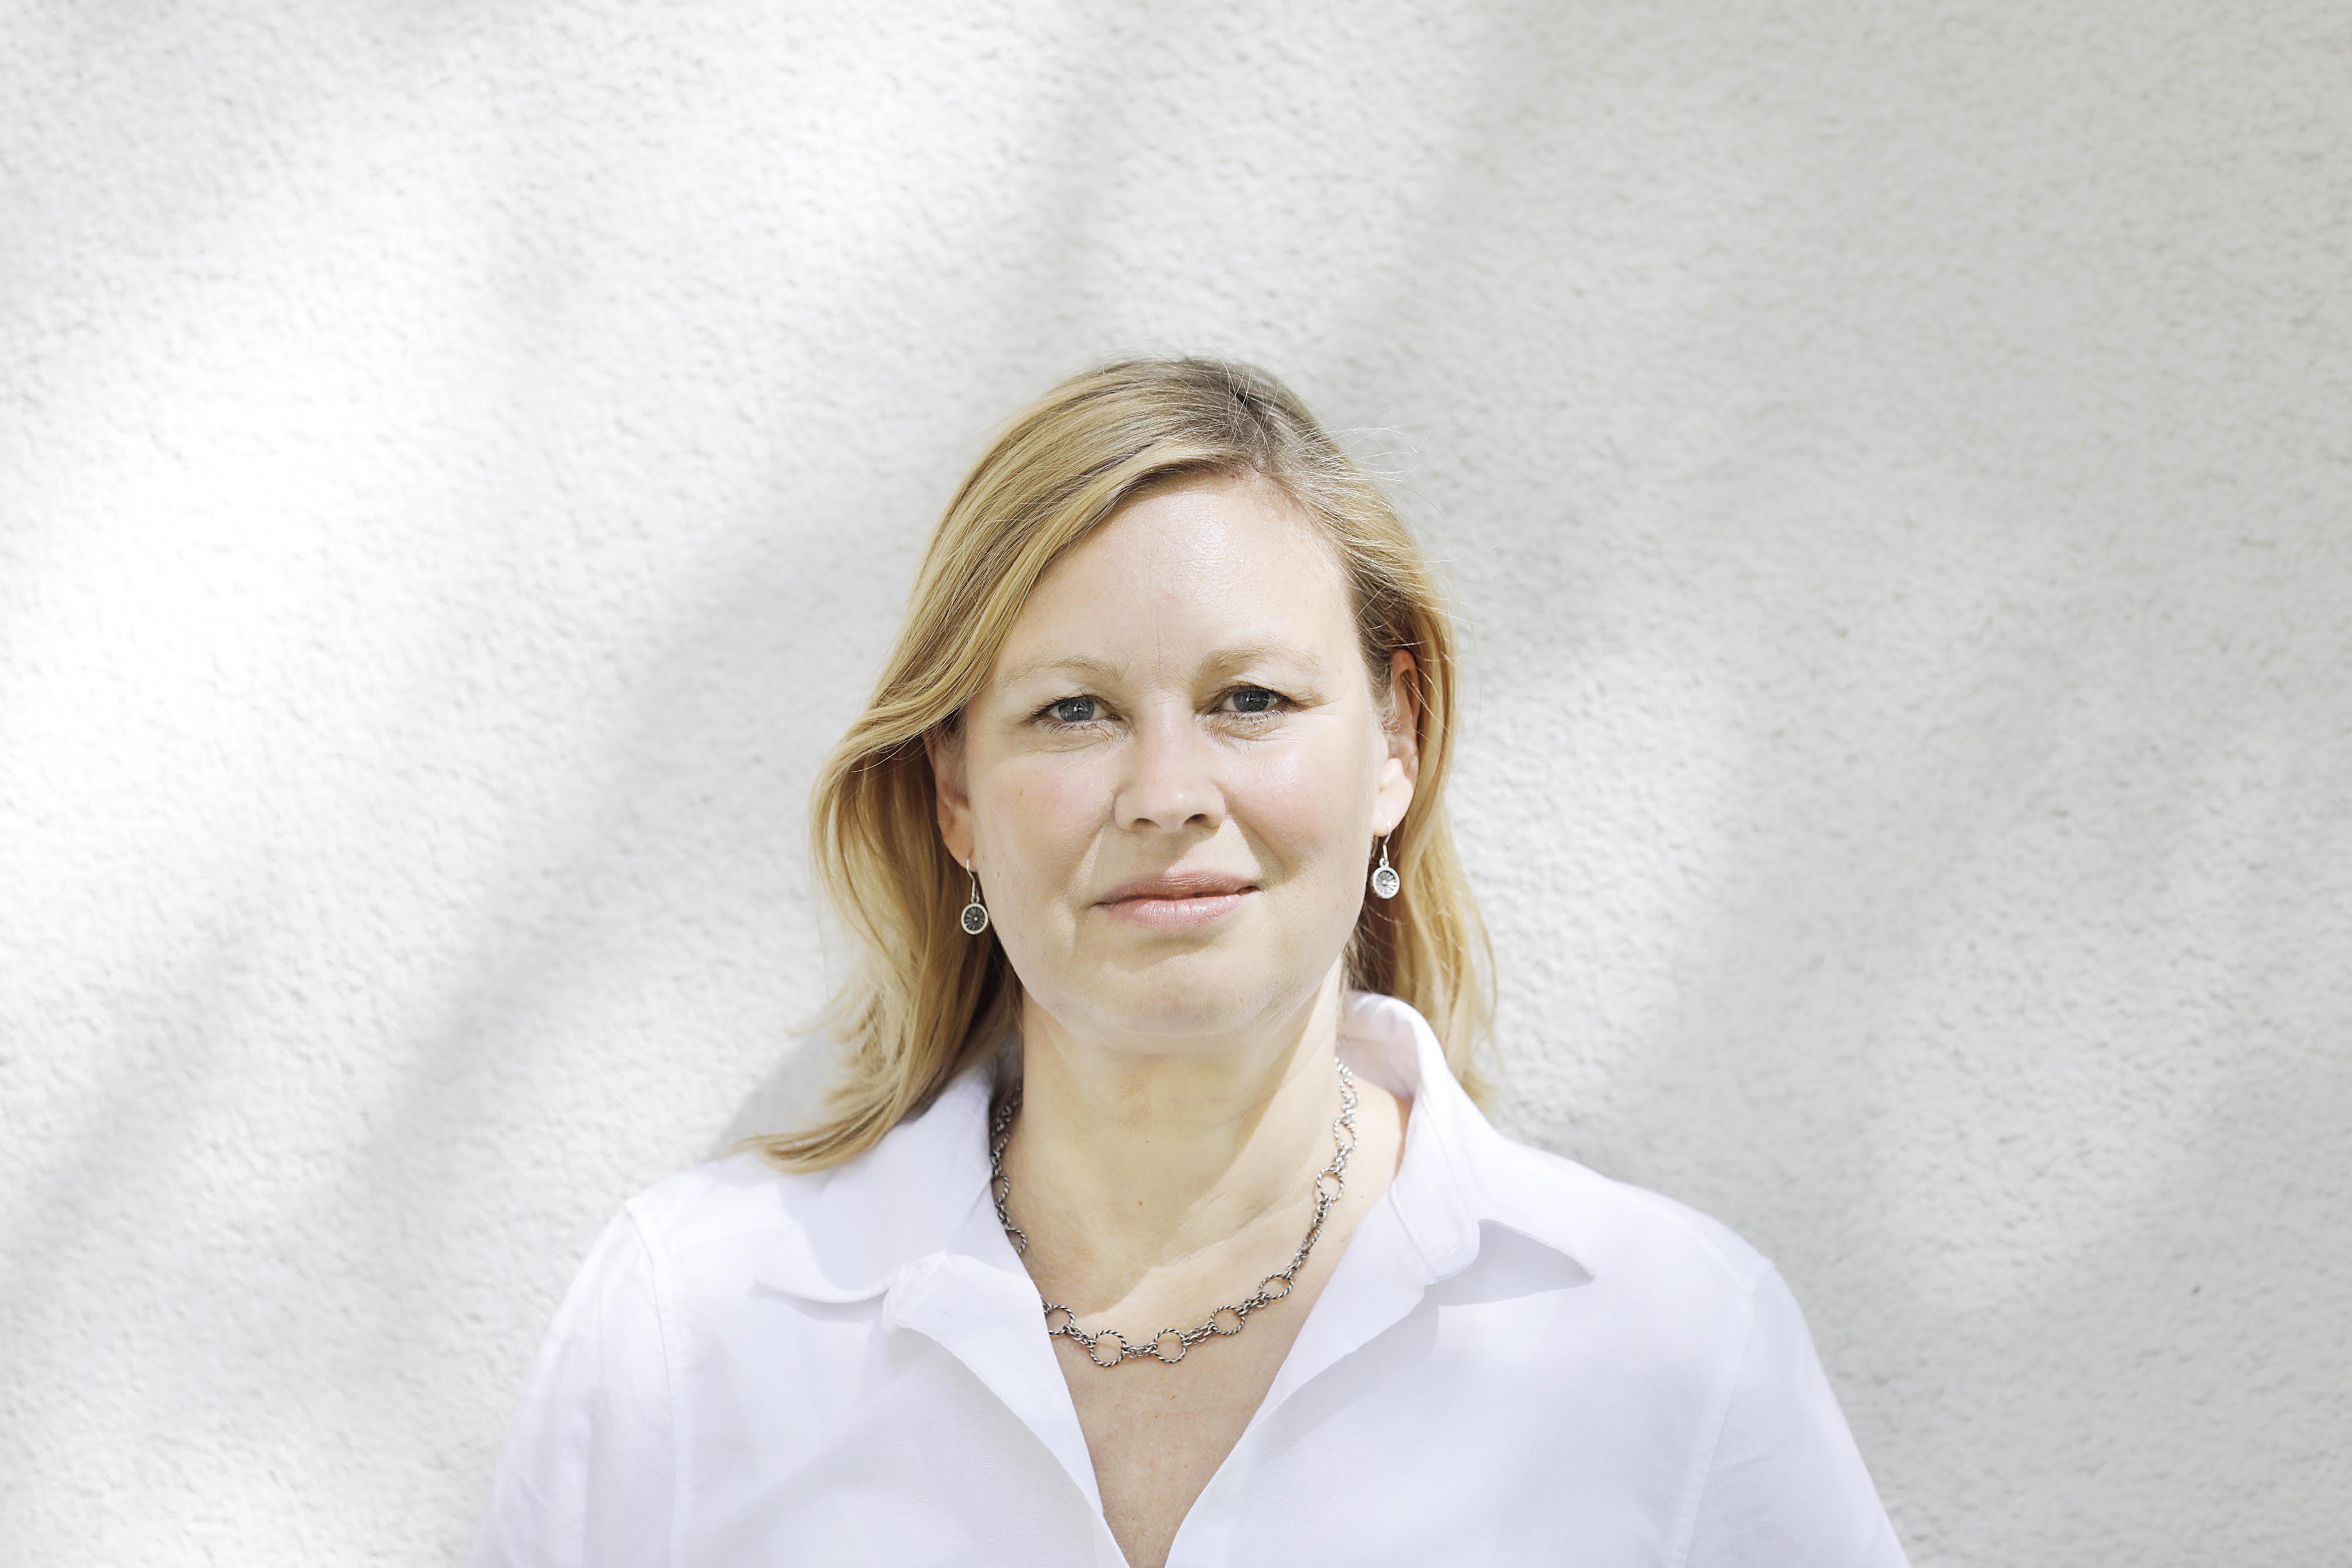 Minna Ruckenstein, keynote speaker